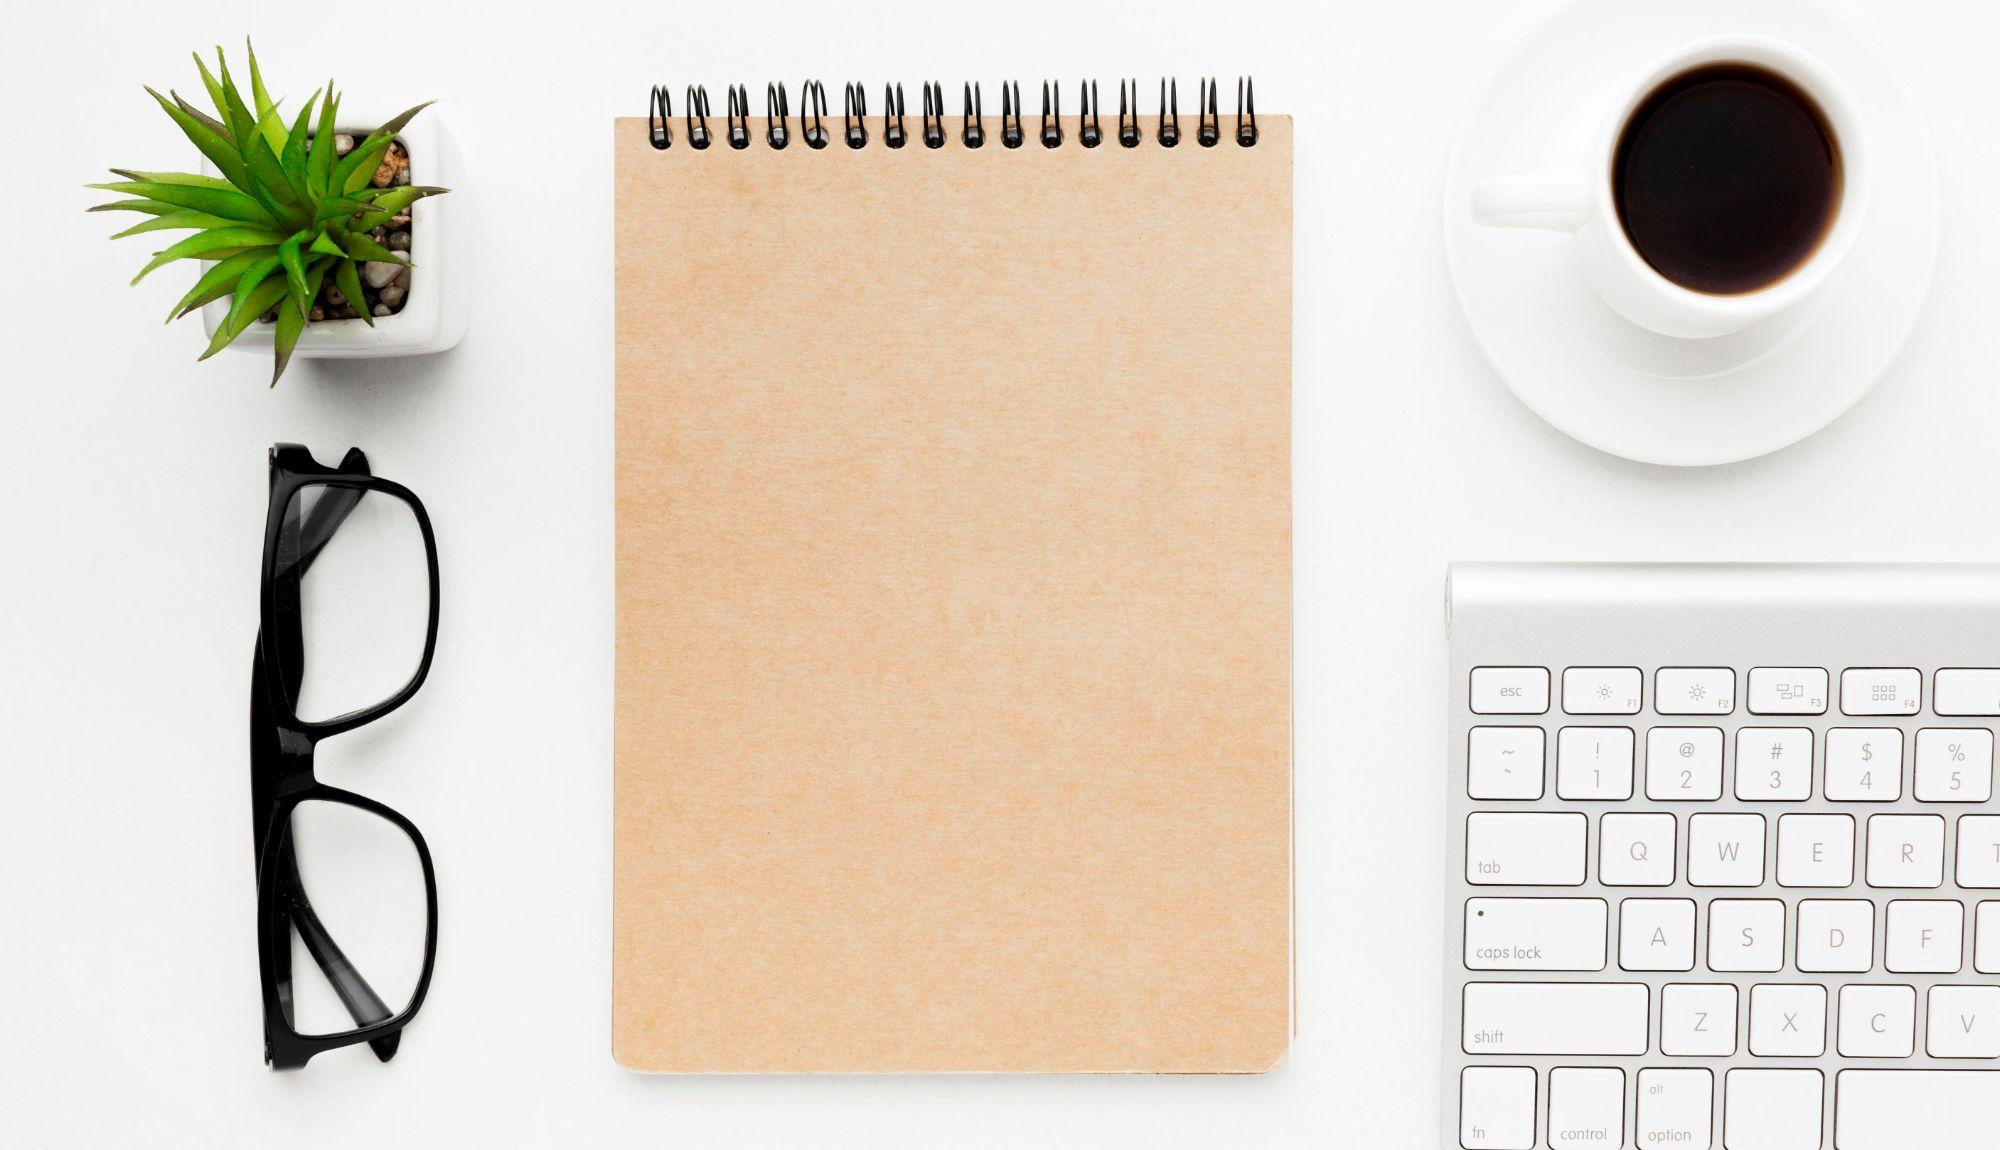 Projectmanagement, marketing communicatie, evenementen